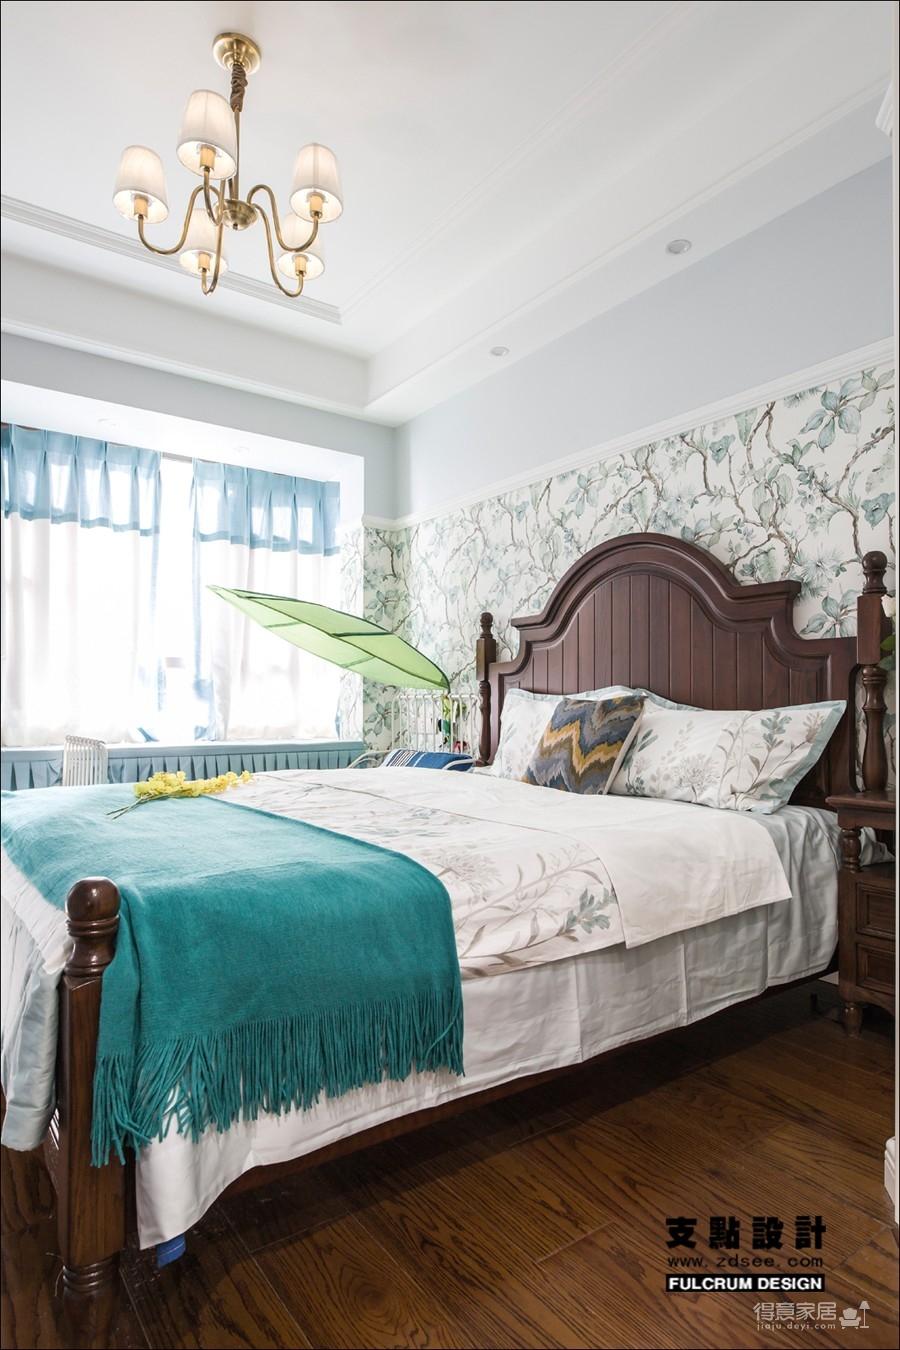 潋一室幽蓝,守一室繁华——133平现代美式图_8